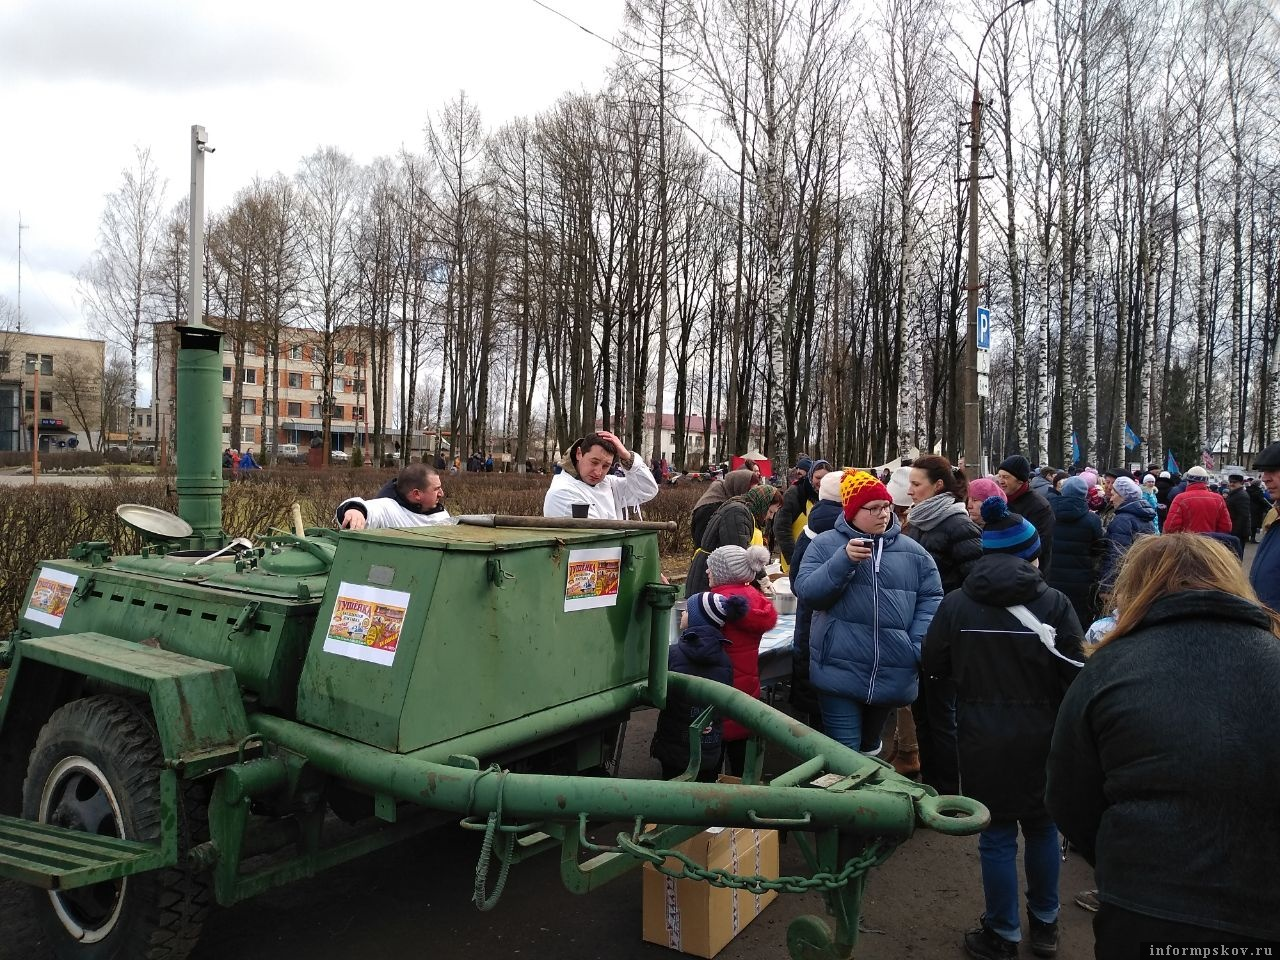 Горячей кашей из солдатской кухни угощают гостей. Фото: Леонид Шепталин.